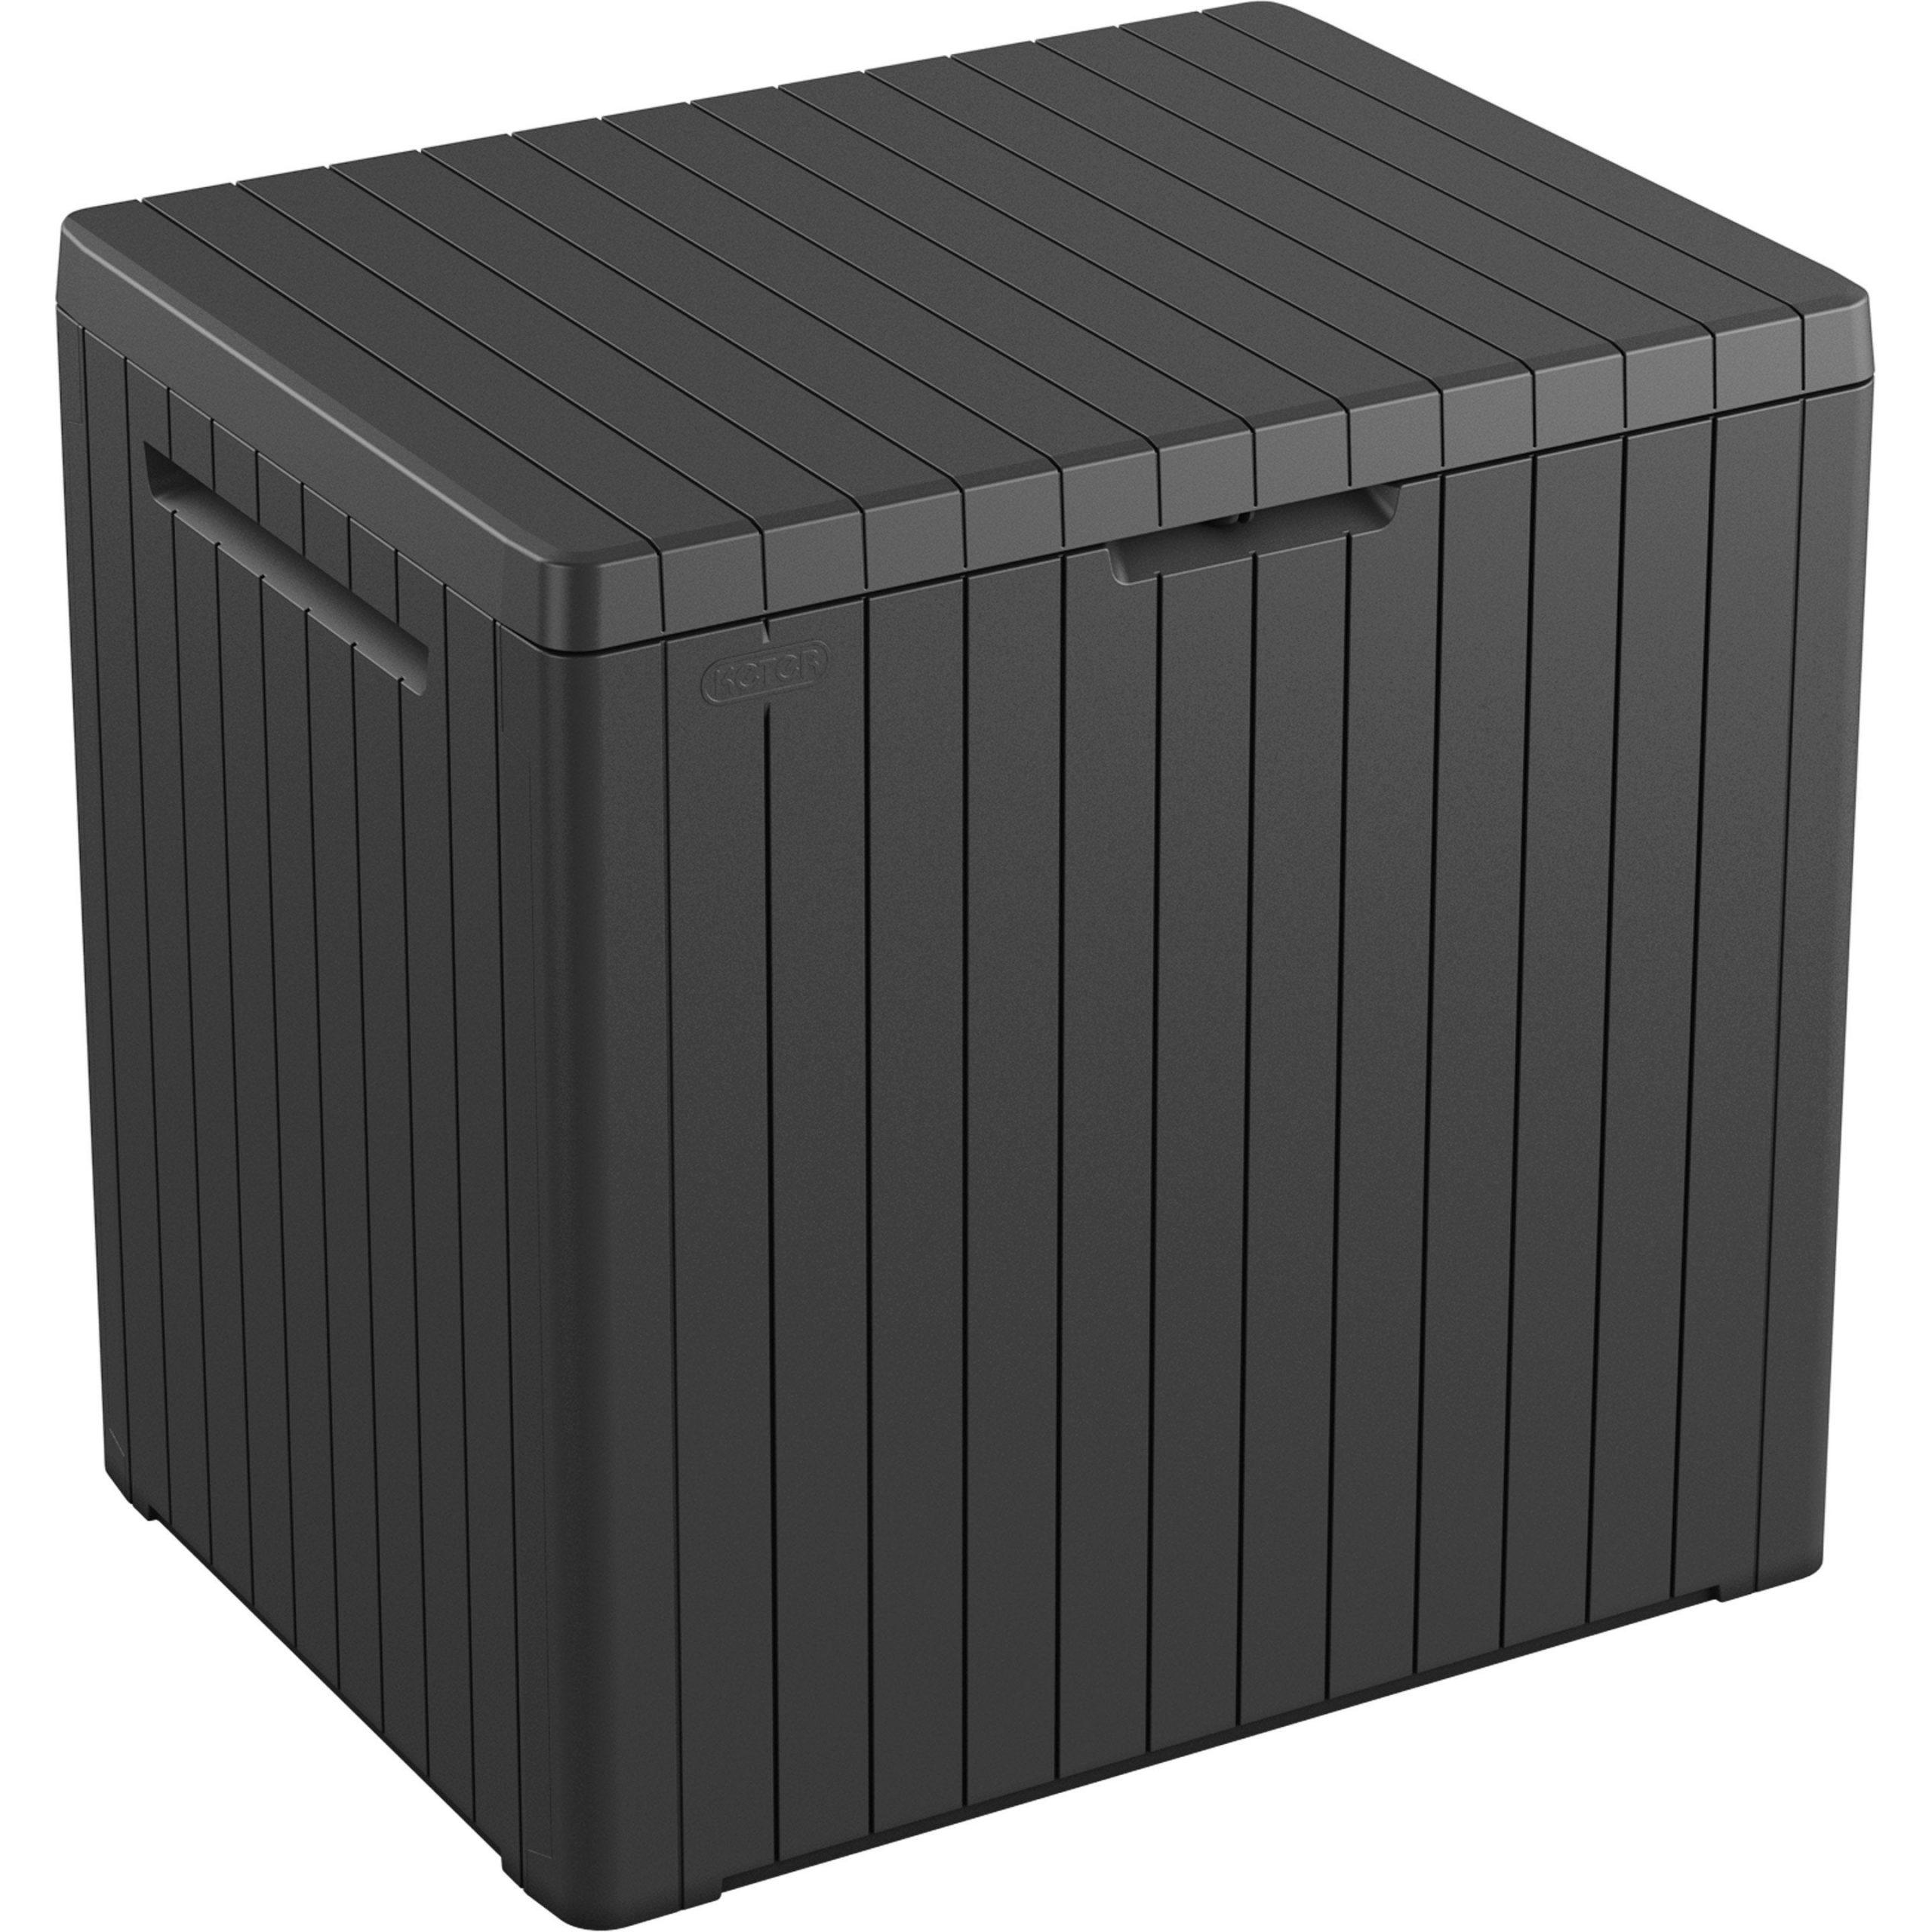 Coffre De Jardin Résine City Cube Gris, L.56 X H.57.5 X P.45 ... dedans Coffre De Jardin Keter